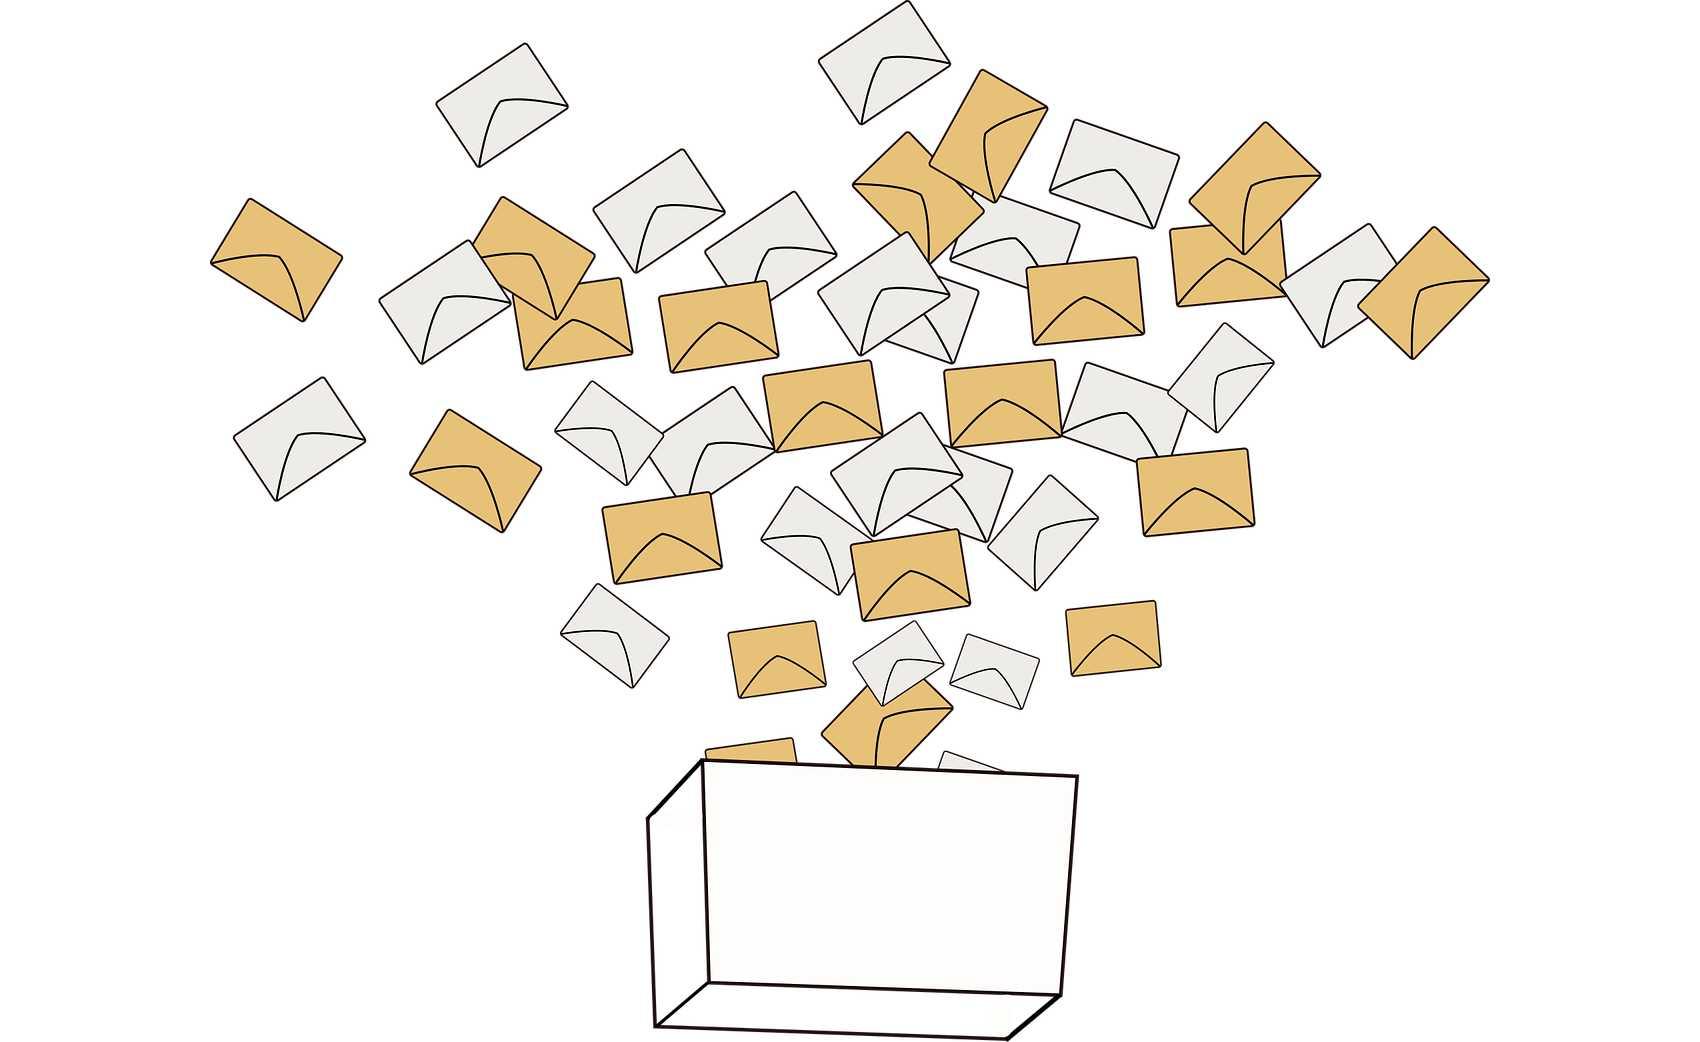 Dibujo de sobres introduciéndose en una urna.